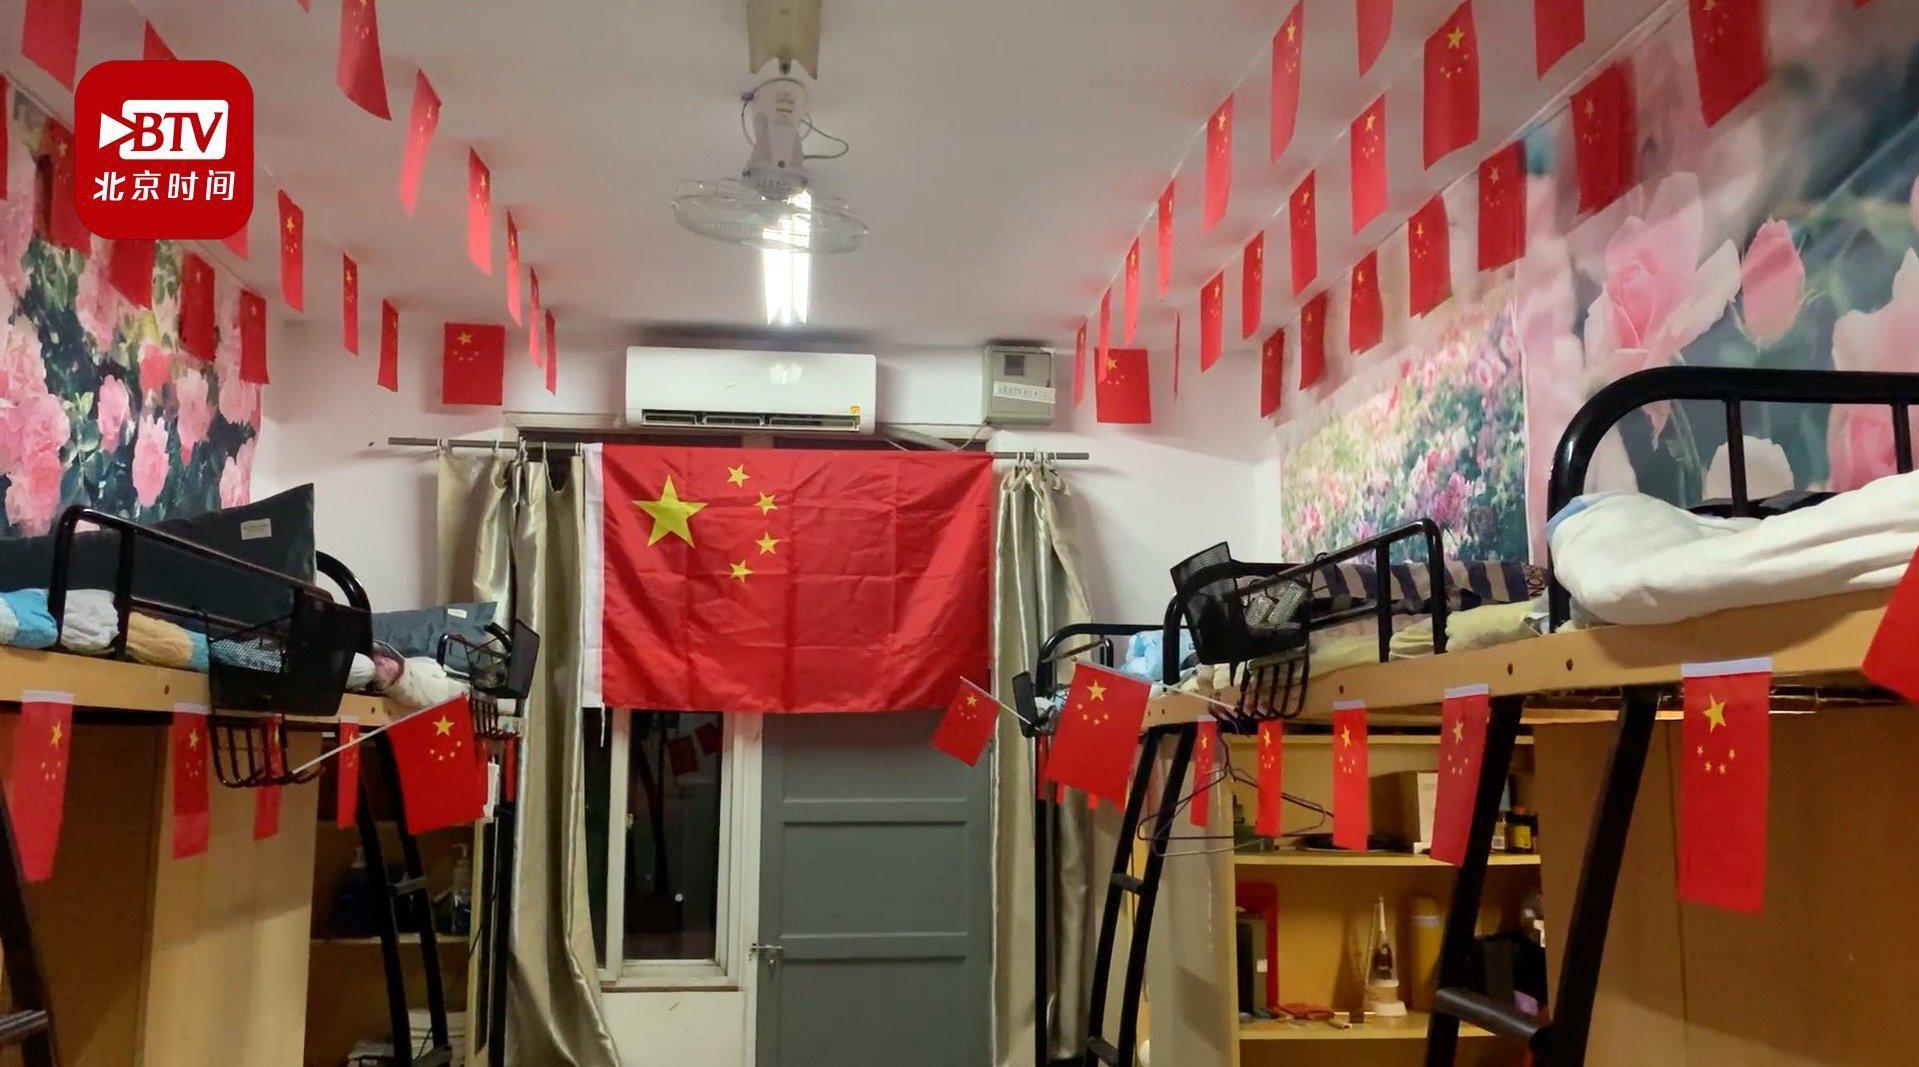 安徽一高校男生在宿舍挂100面五星红旗迎国庆